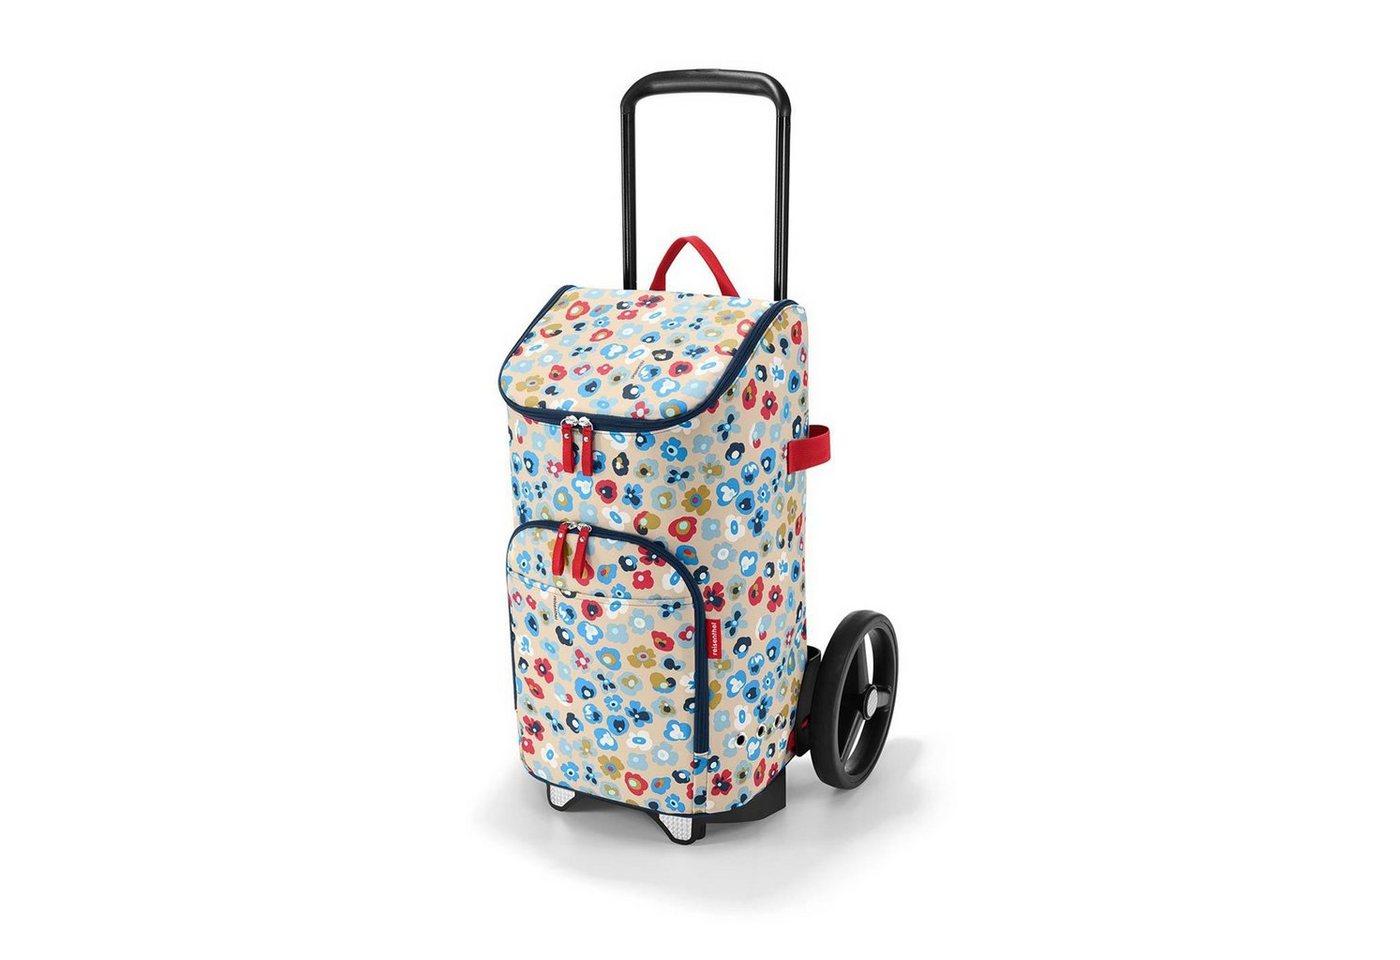 REISENTHEL® Einkaufstrolley mit Tasche »citycruiser bag« | Taschen > Handtaschen > Einkaufstasche | REISENTHEL®